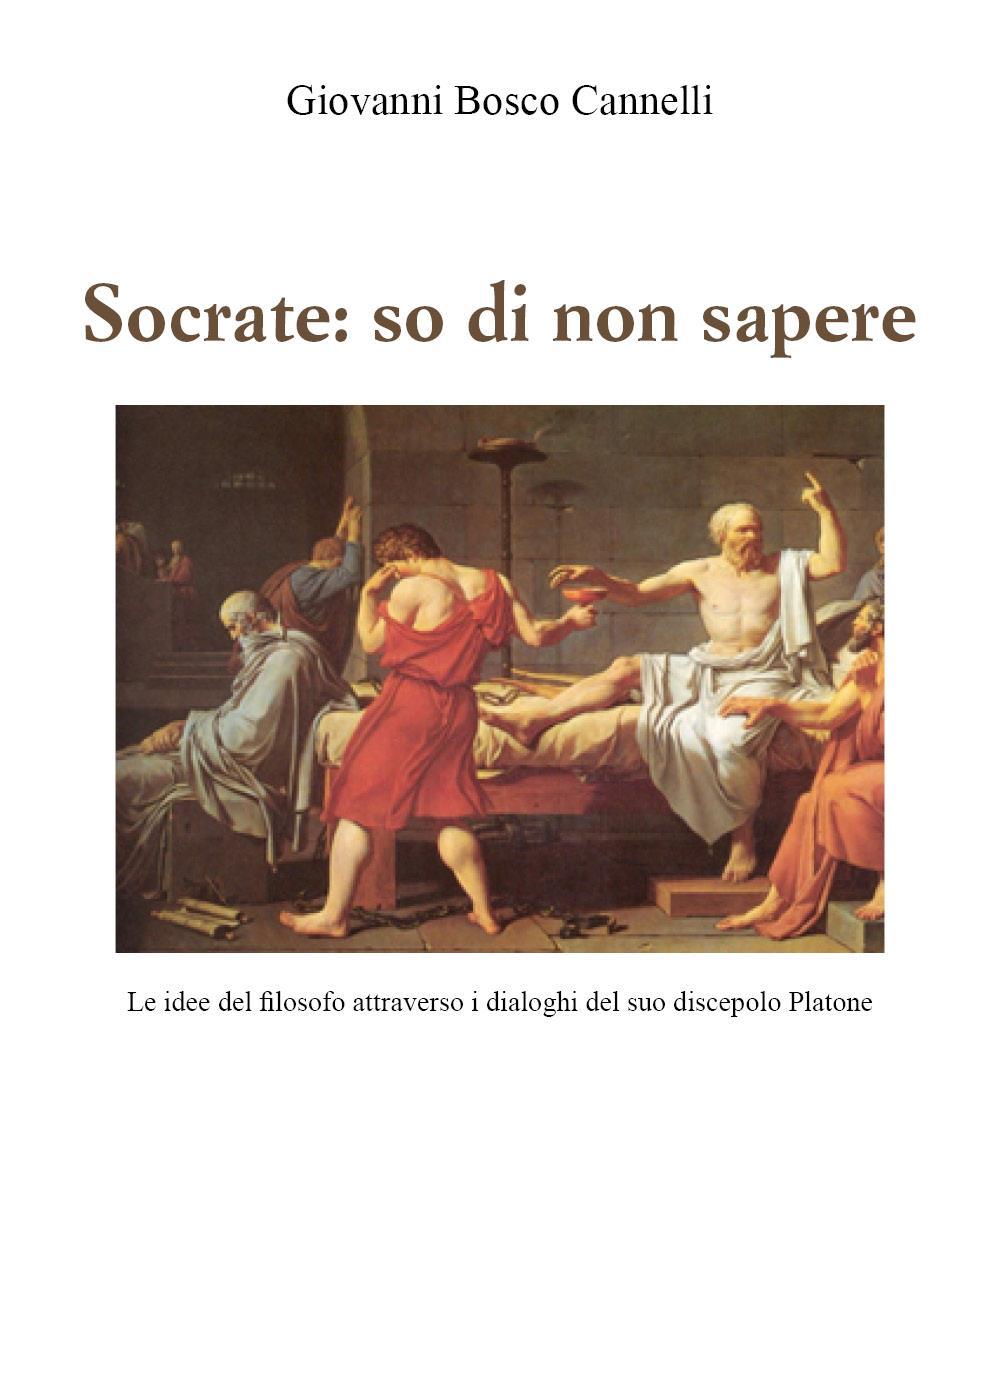 Socrate: so di non sapere Le Idee del filosofo attraverso i dialoghi del suo discepolo Platone